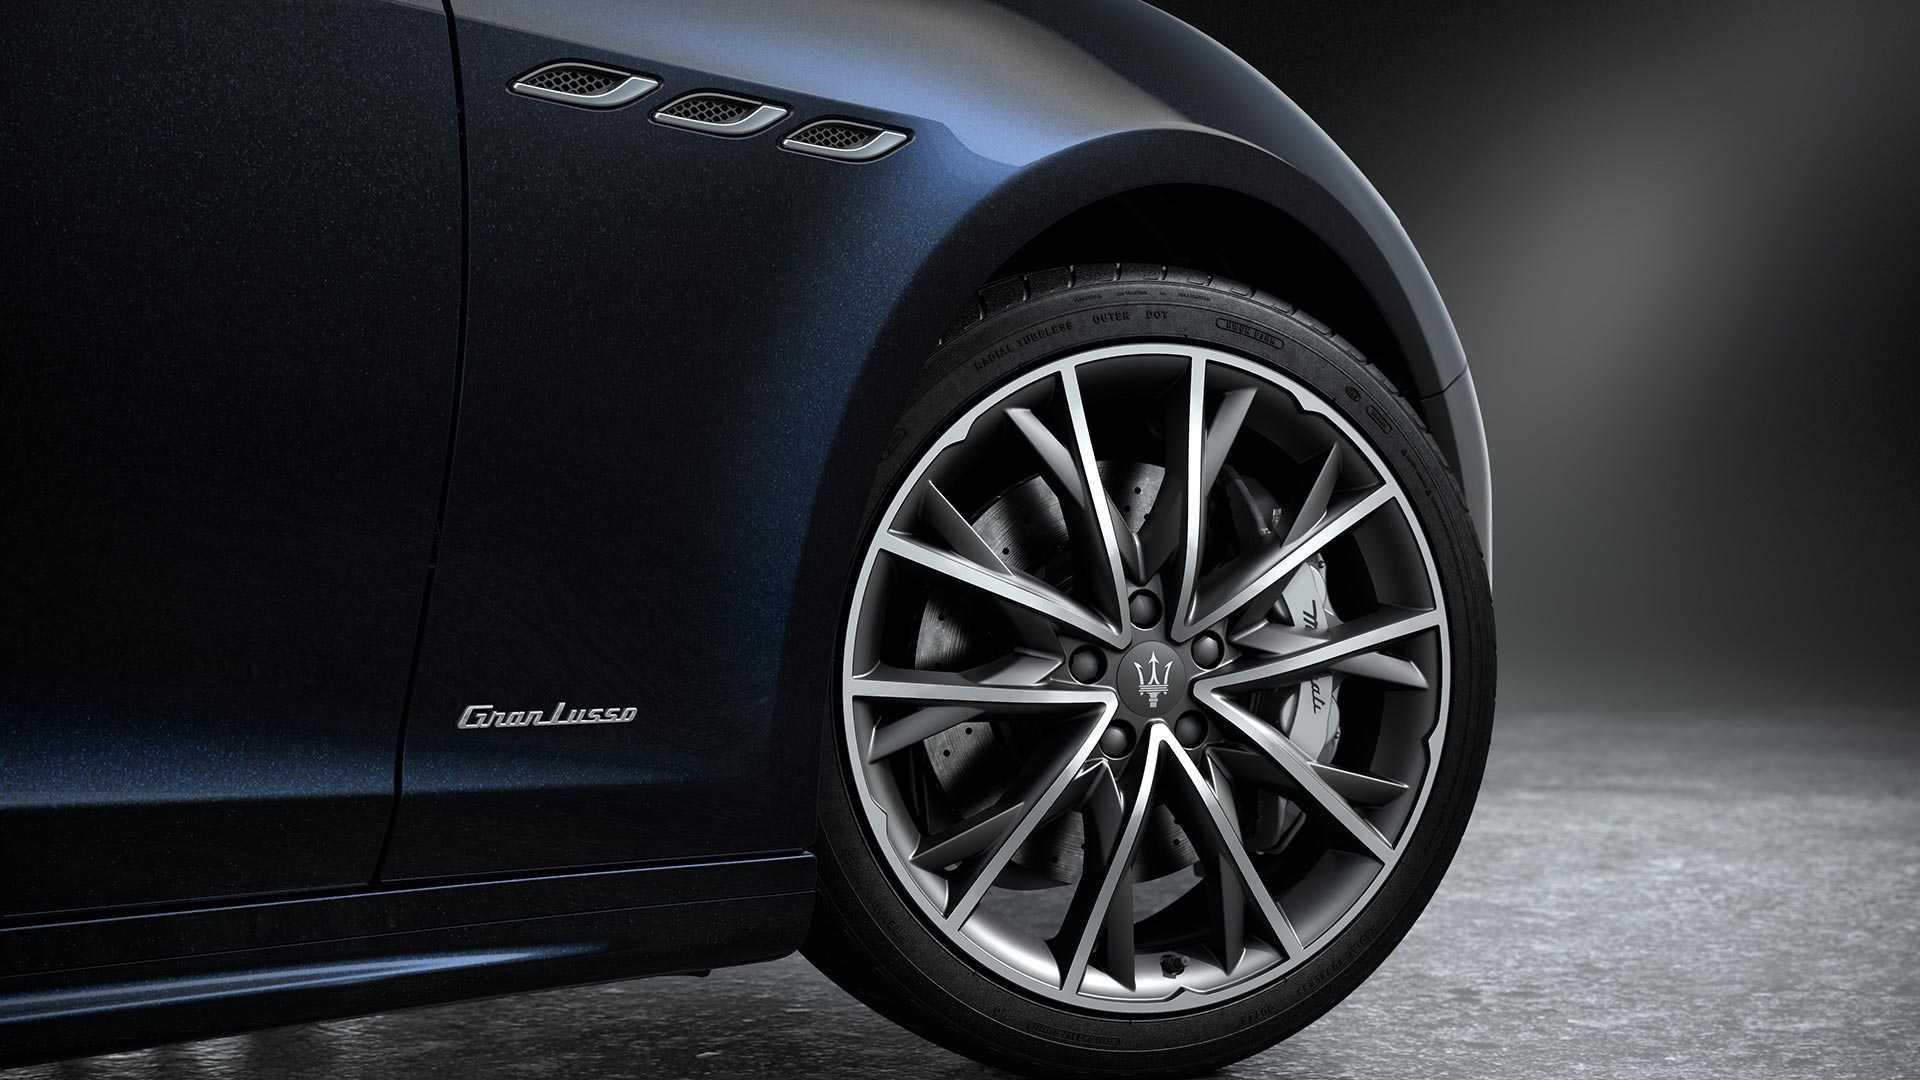 Maserati_Ghibli_Edizione_Nobile_package_00010001